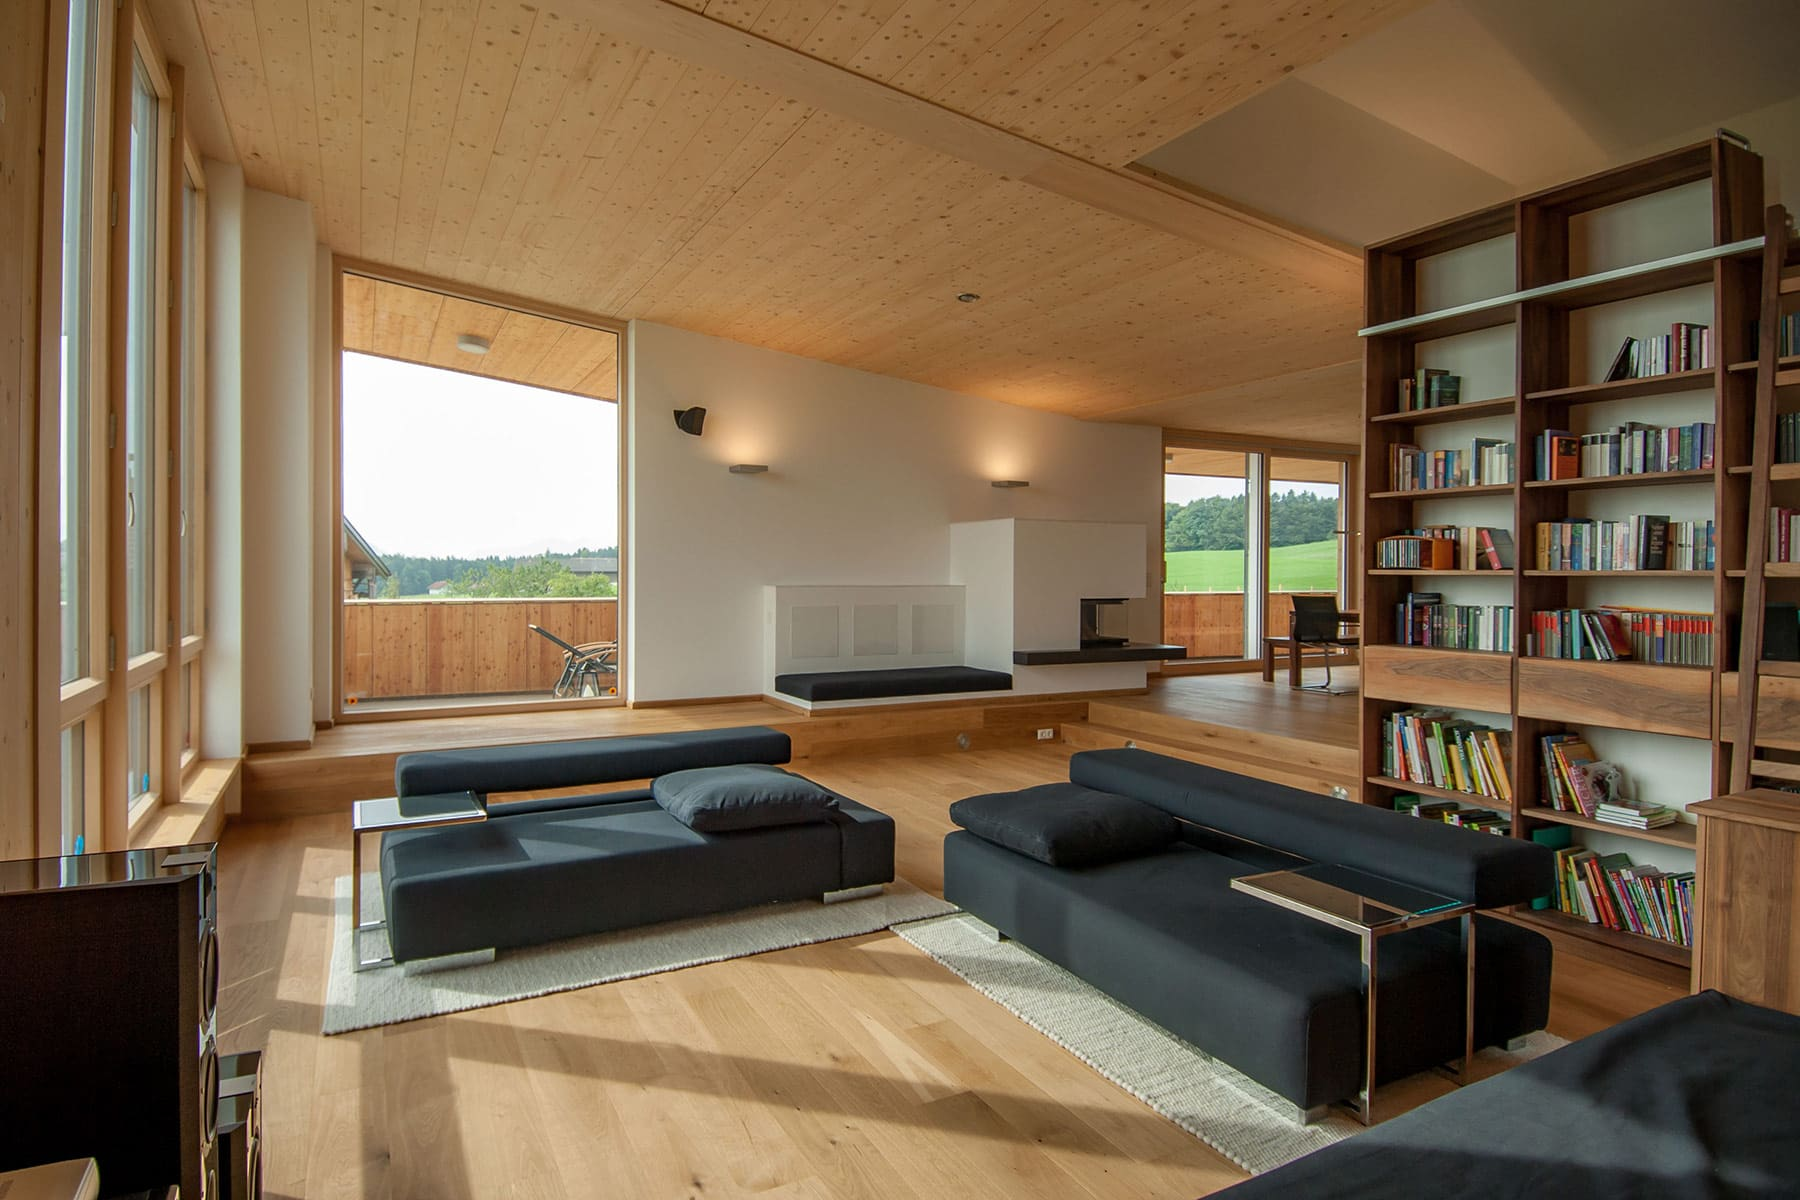 wohnraum, holzhaus, architekt, haus, bauernhof, umbau, salzburg, landleben, loft, architektur